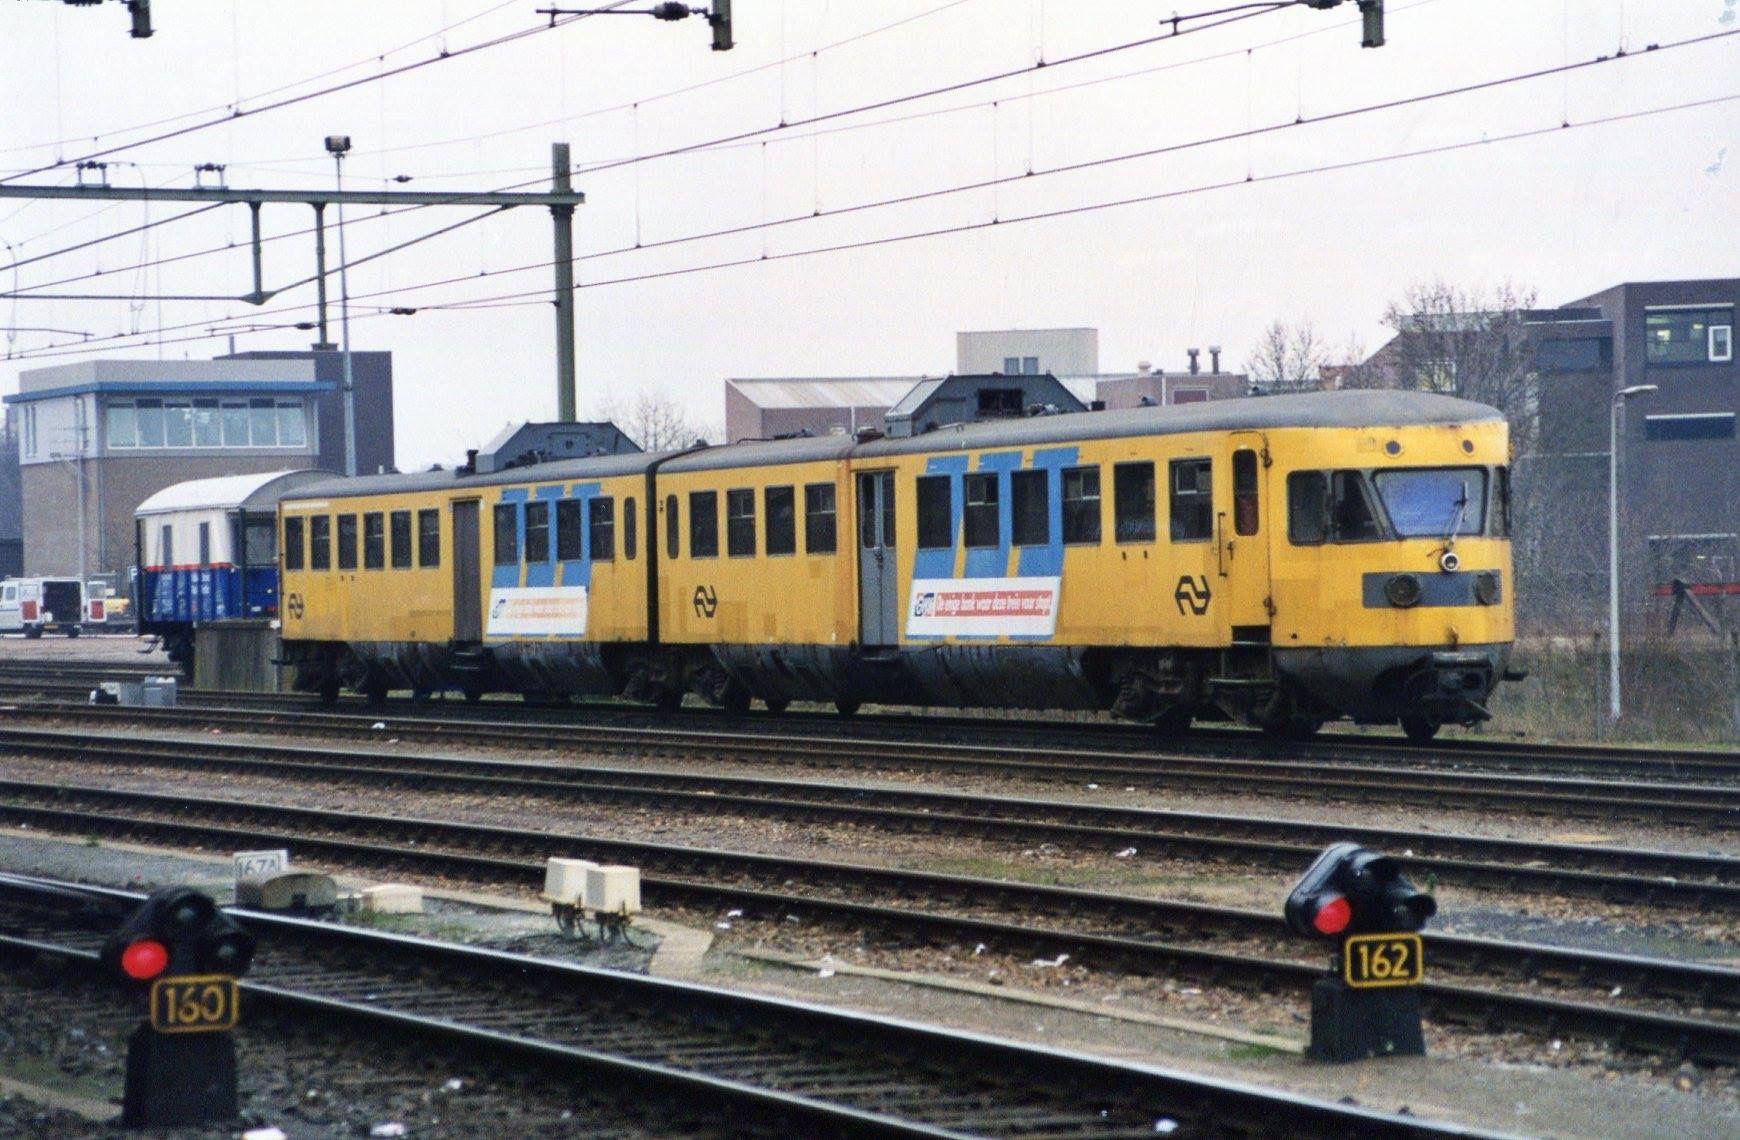 DE 164 onderdelen leverancier voor de DE 186 DE 180 Hengelo 14-01-2000